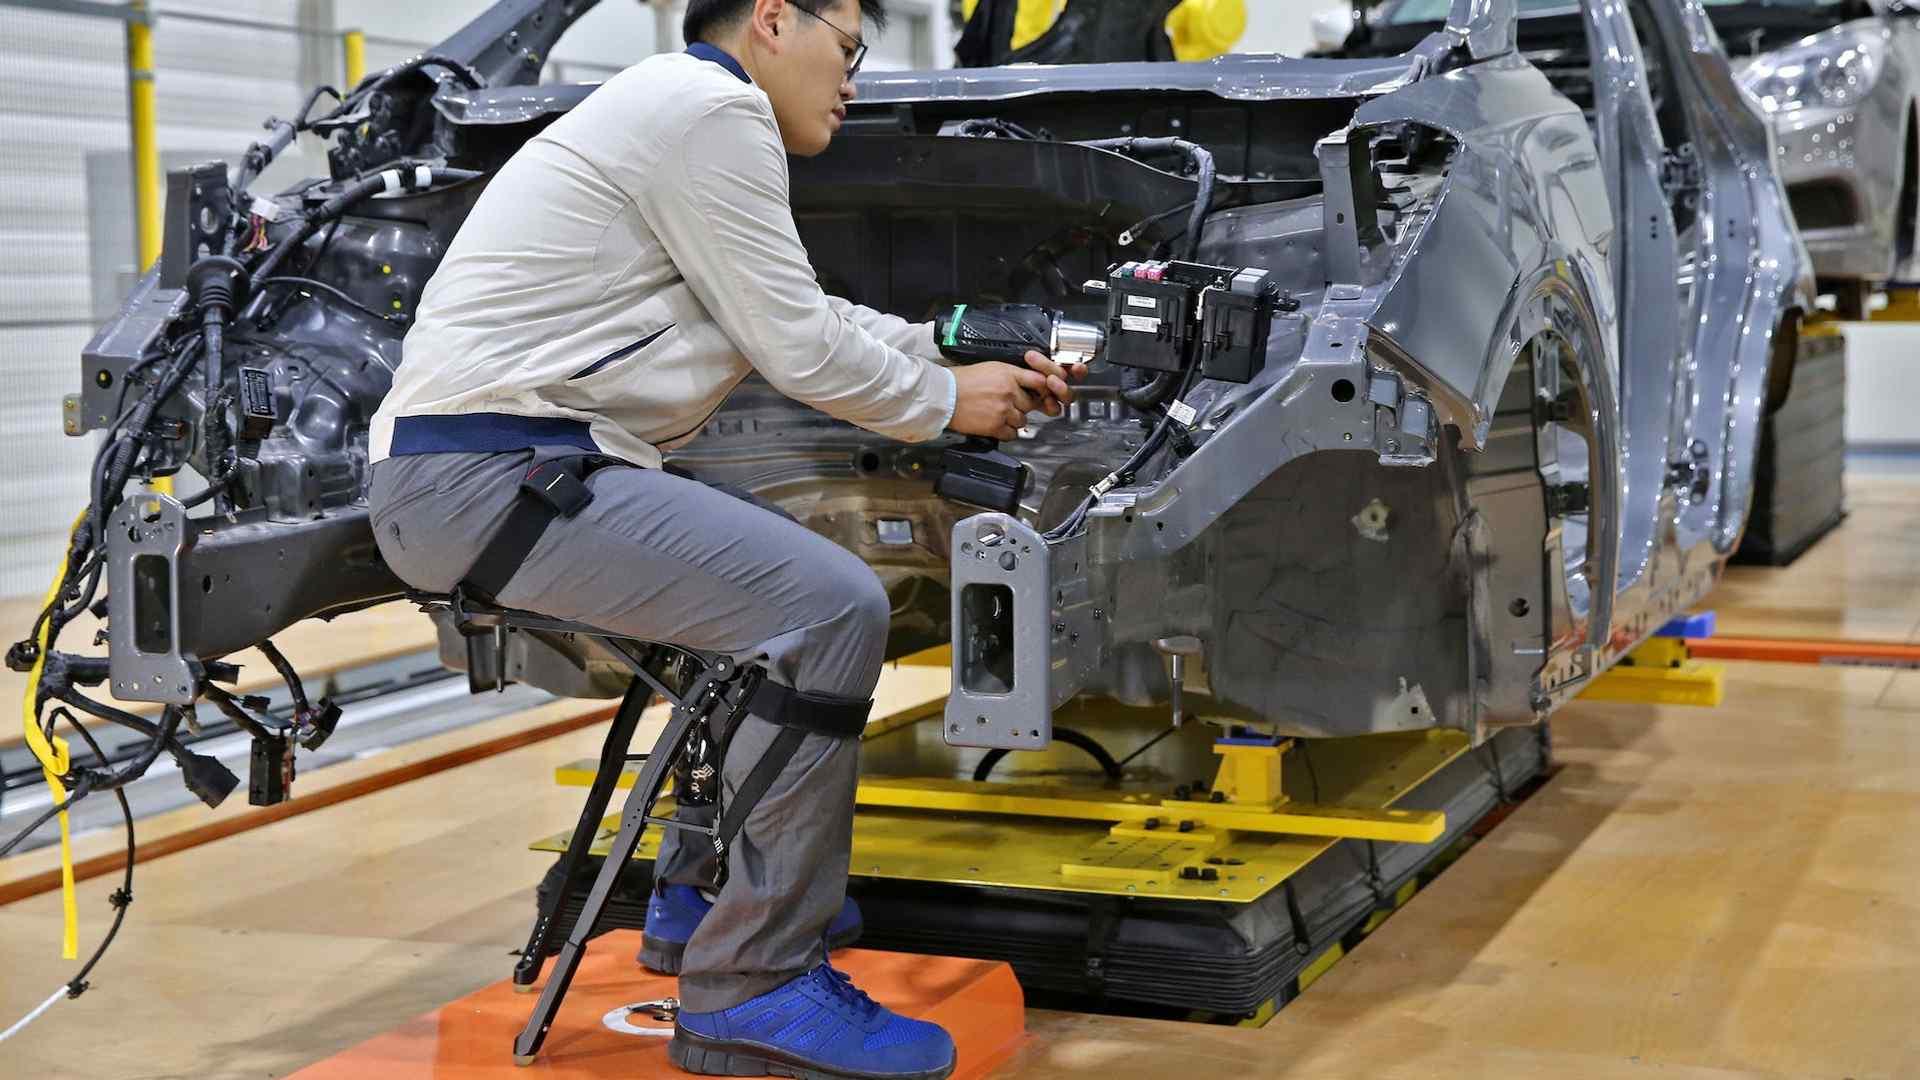 روباتهای پوششی در خودروسازی کره